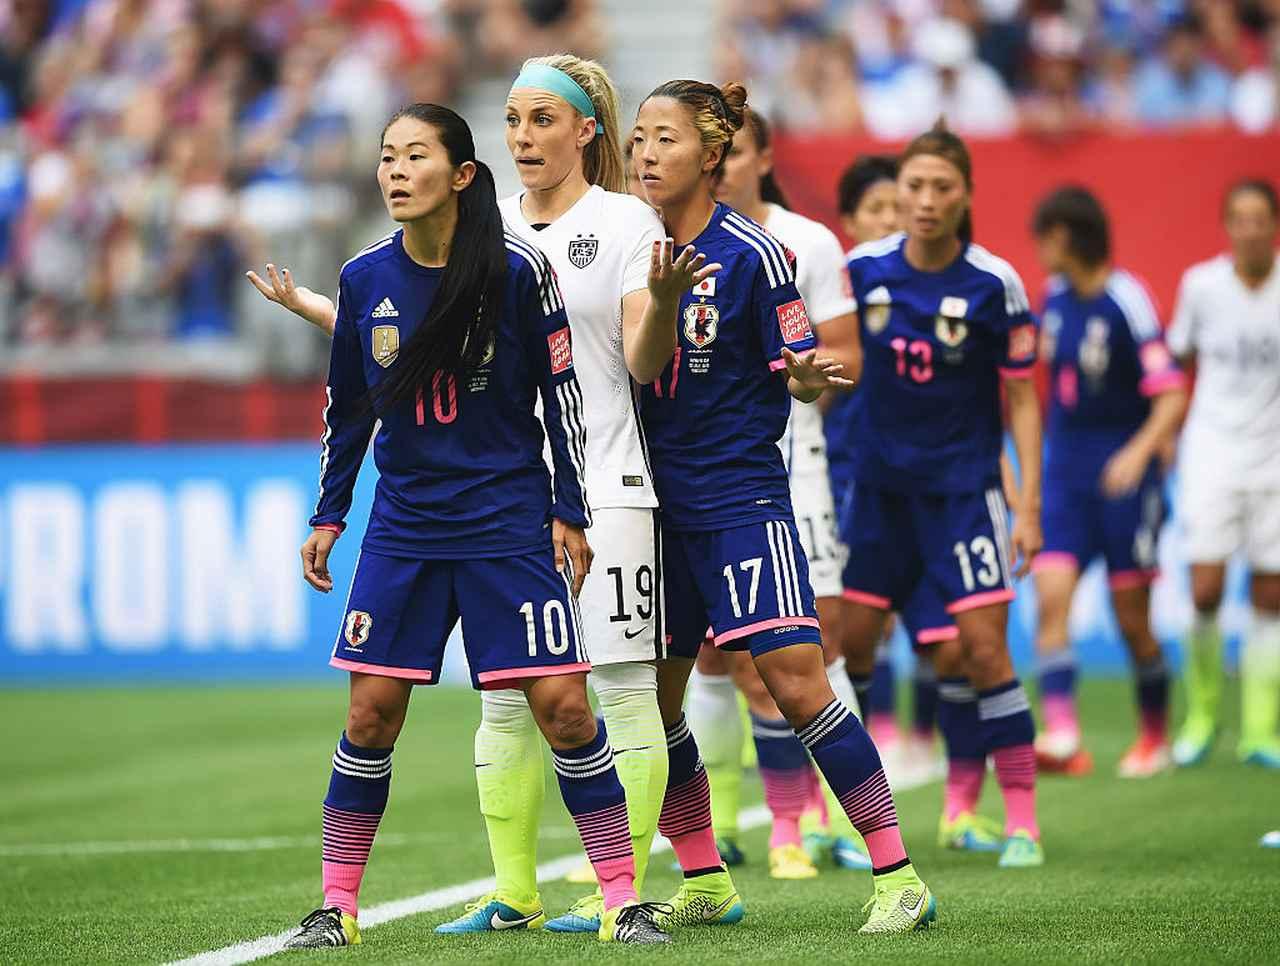 画像: 2015年大会がレジェンド、澤穂希にとって最後のワールドカップになった(写真◎Getty Images)